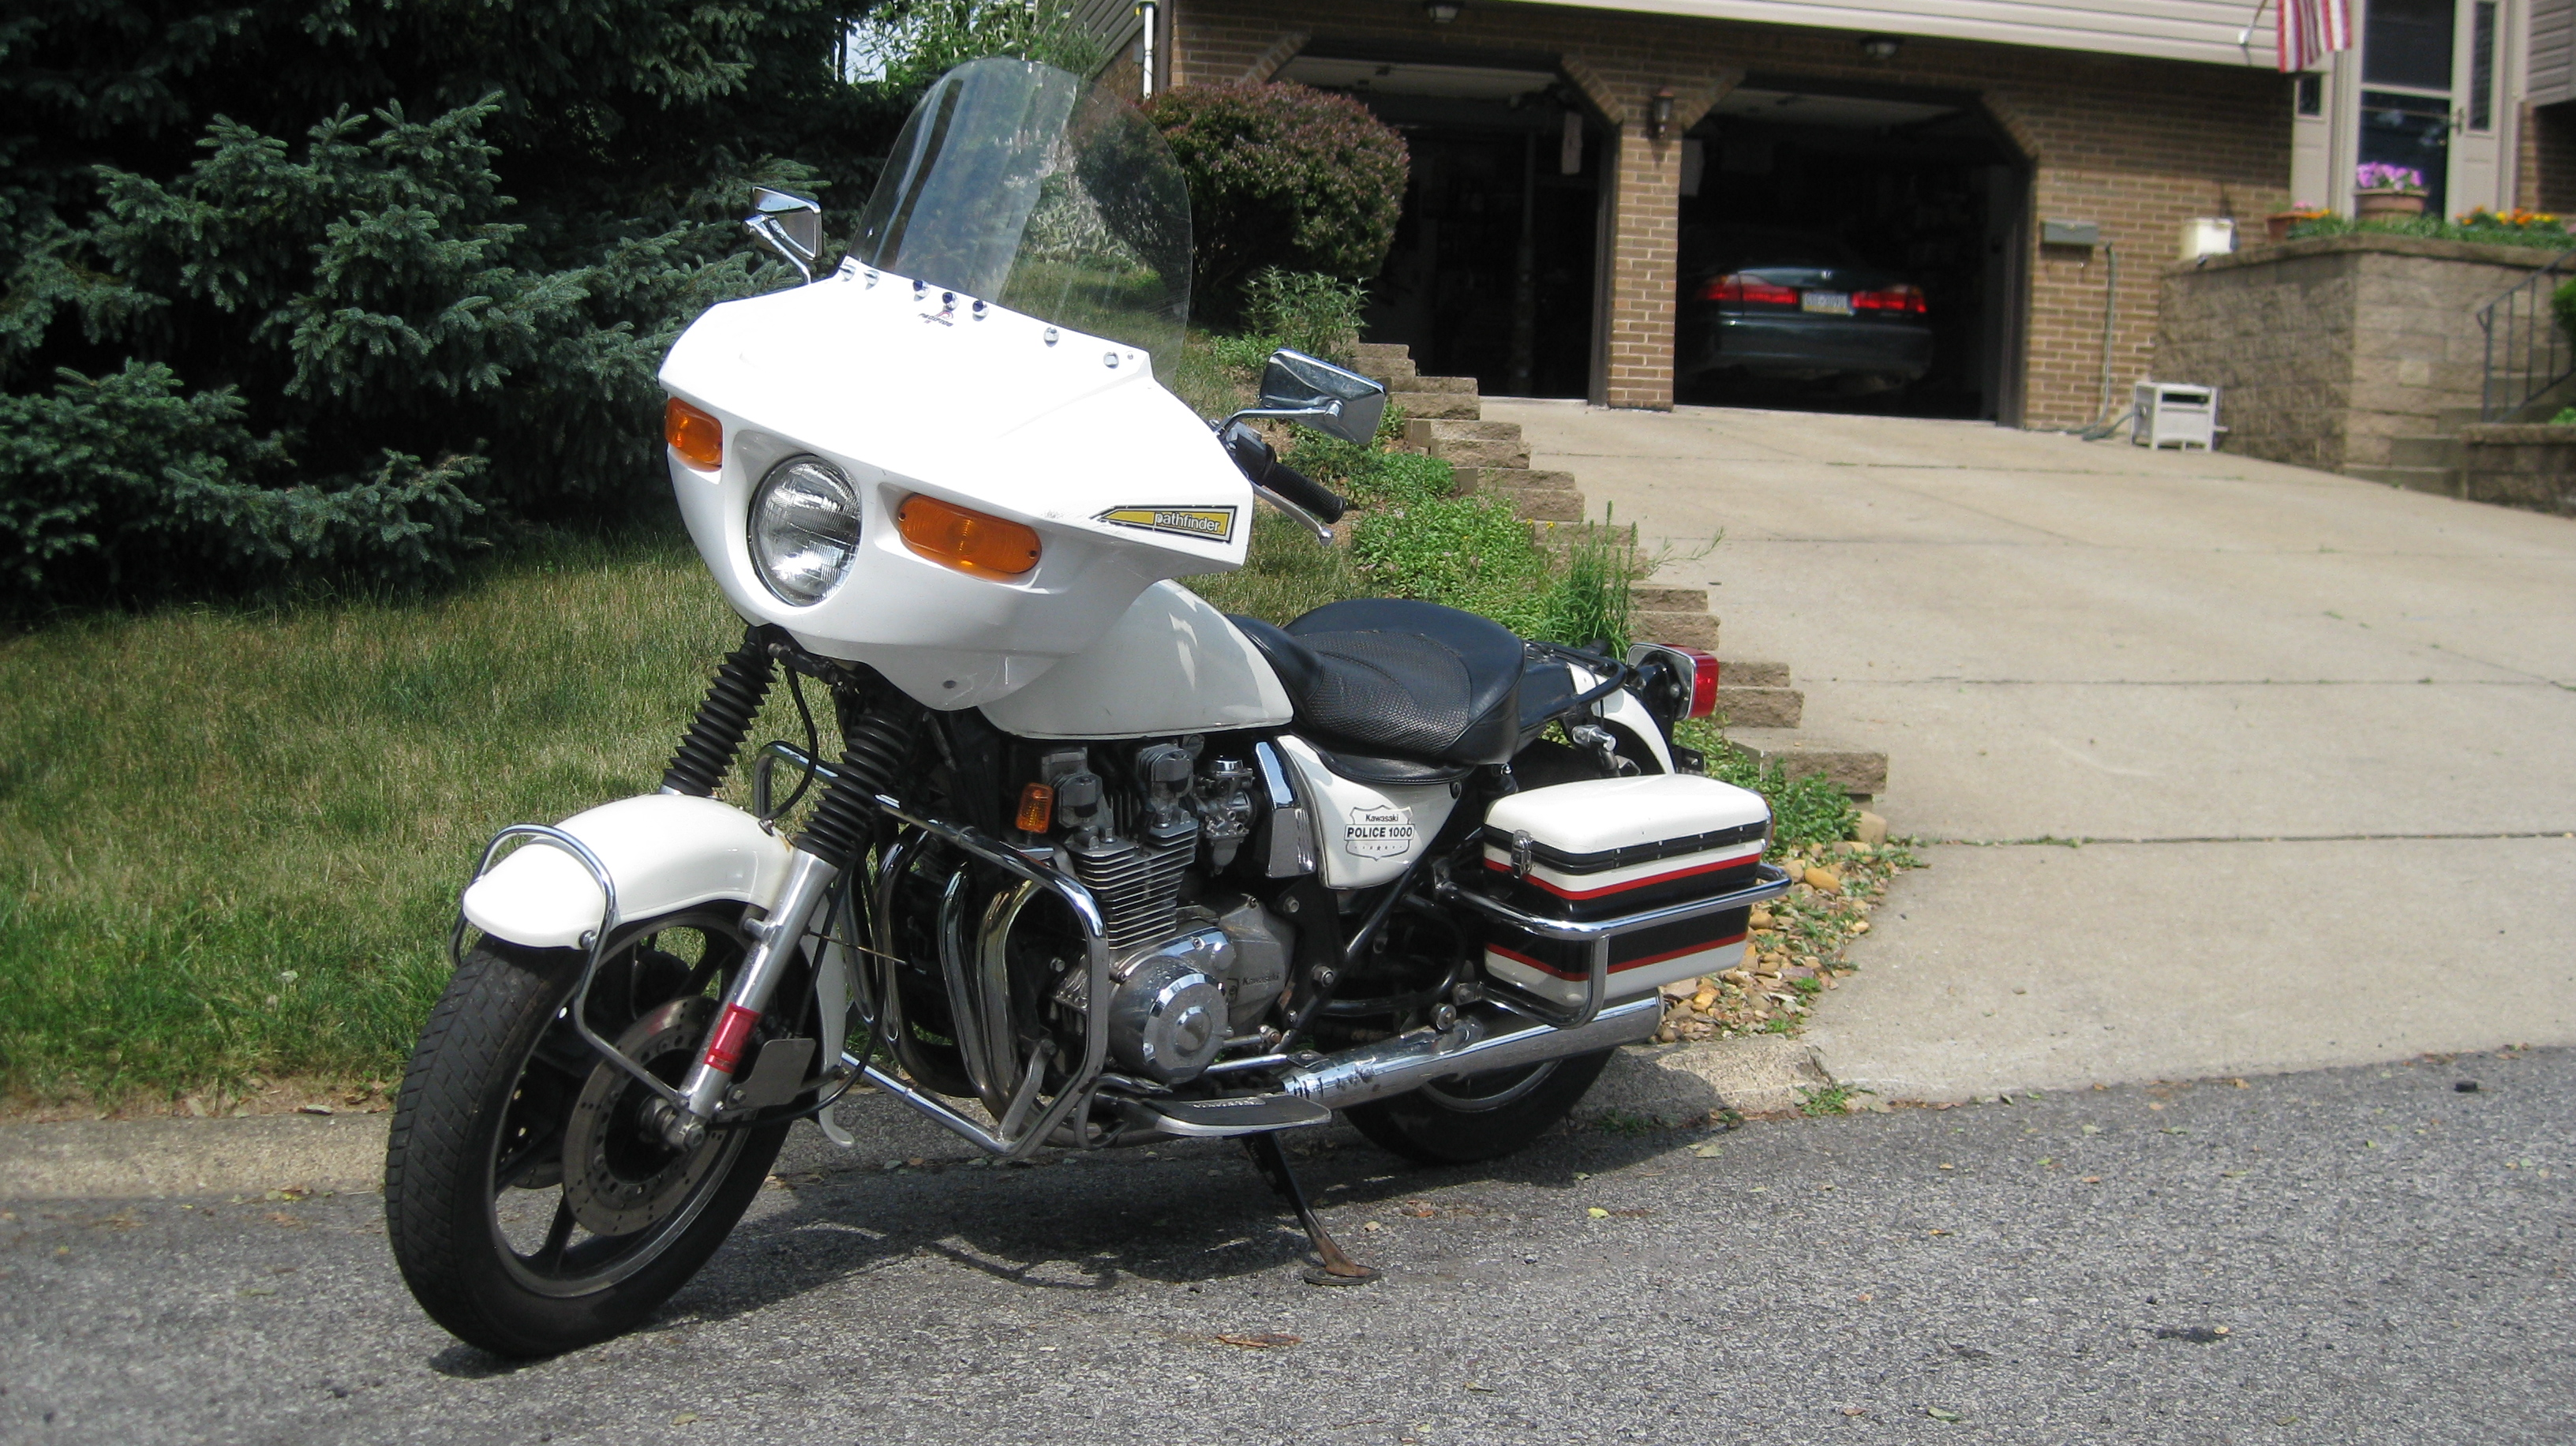 KawasakiPoliceMotorcycle10